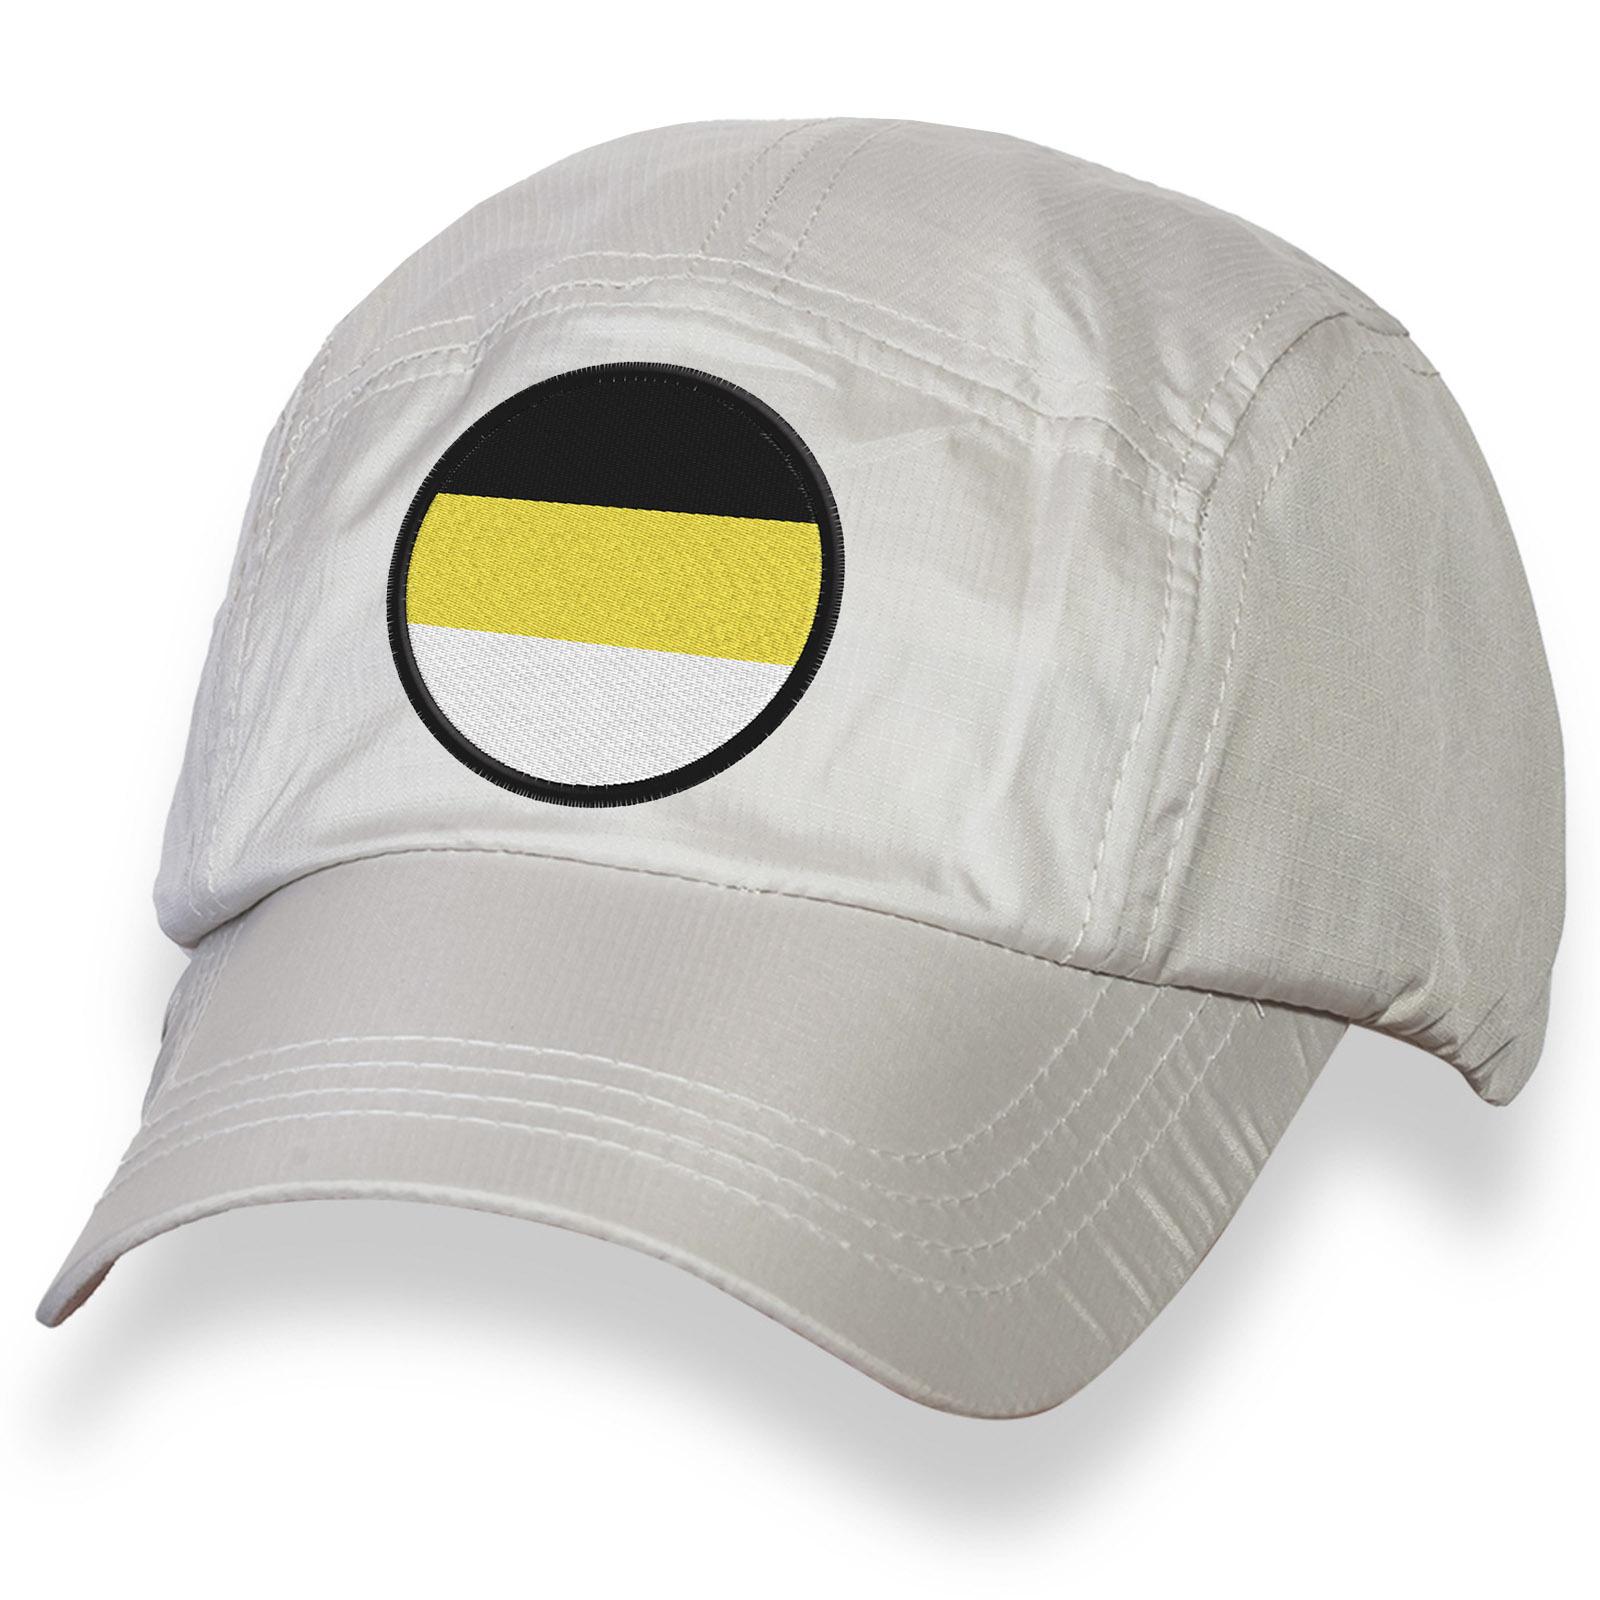 Белая унисекс бейсболка с вышитым Имперским флагом.